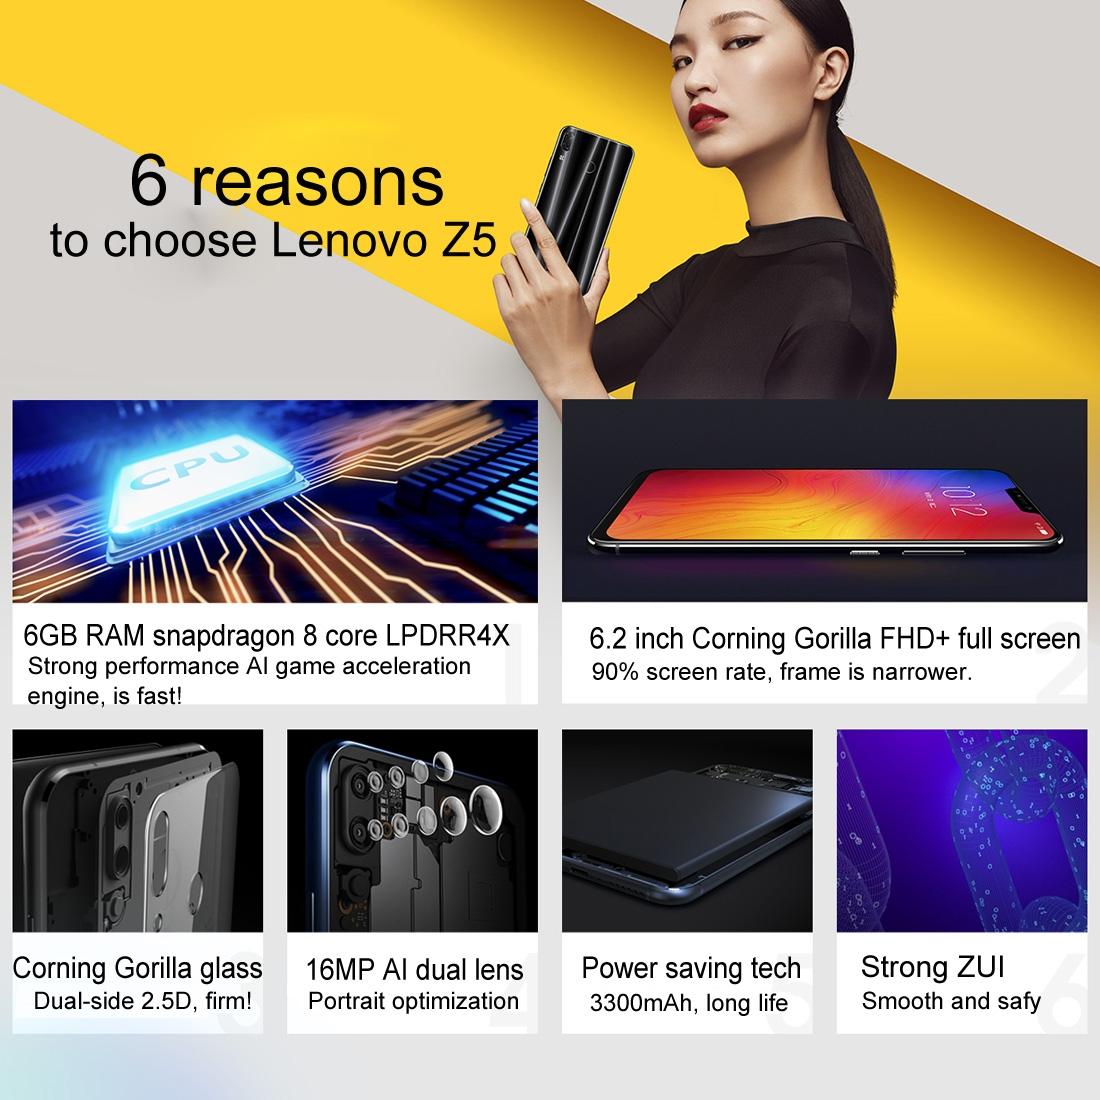 i.ibb.co/T1prBHb/Smartphone-6-GB-64-GB-Lenovo-Z5-3.jpg